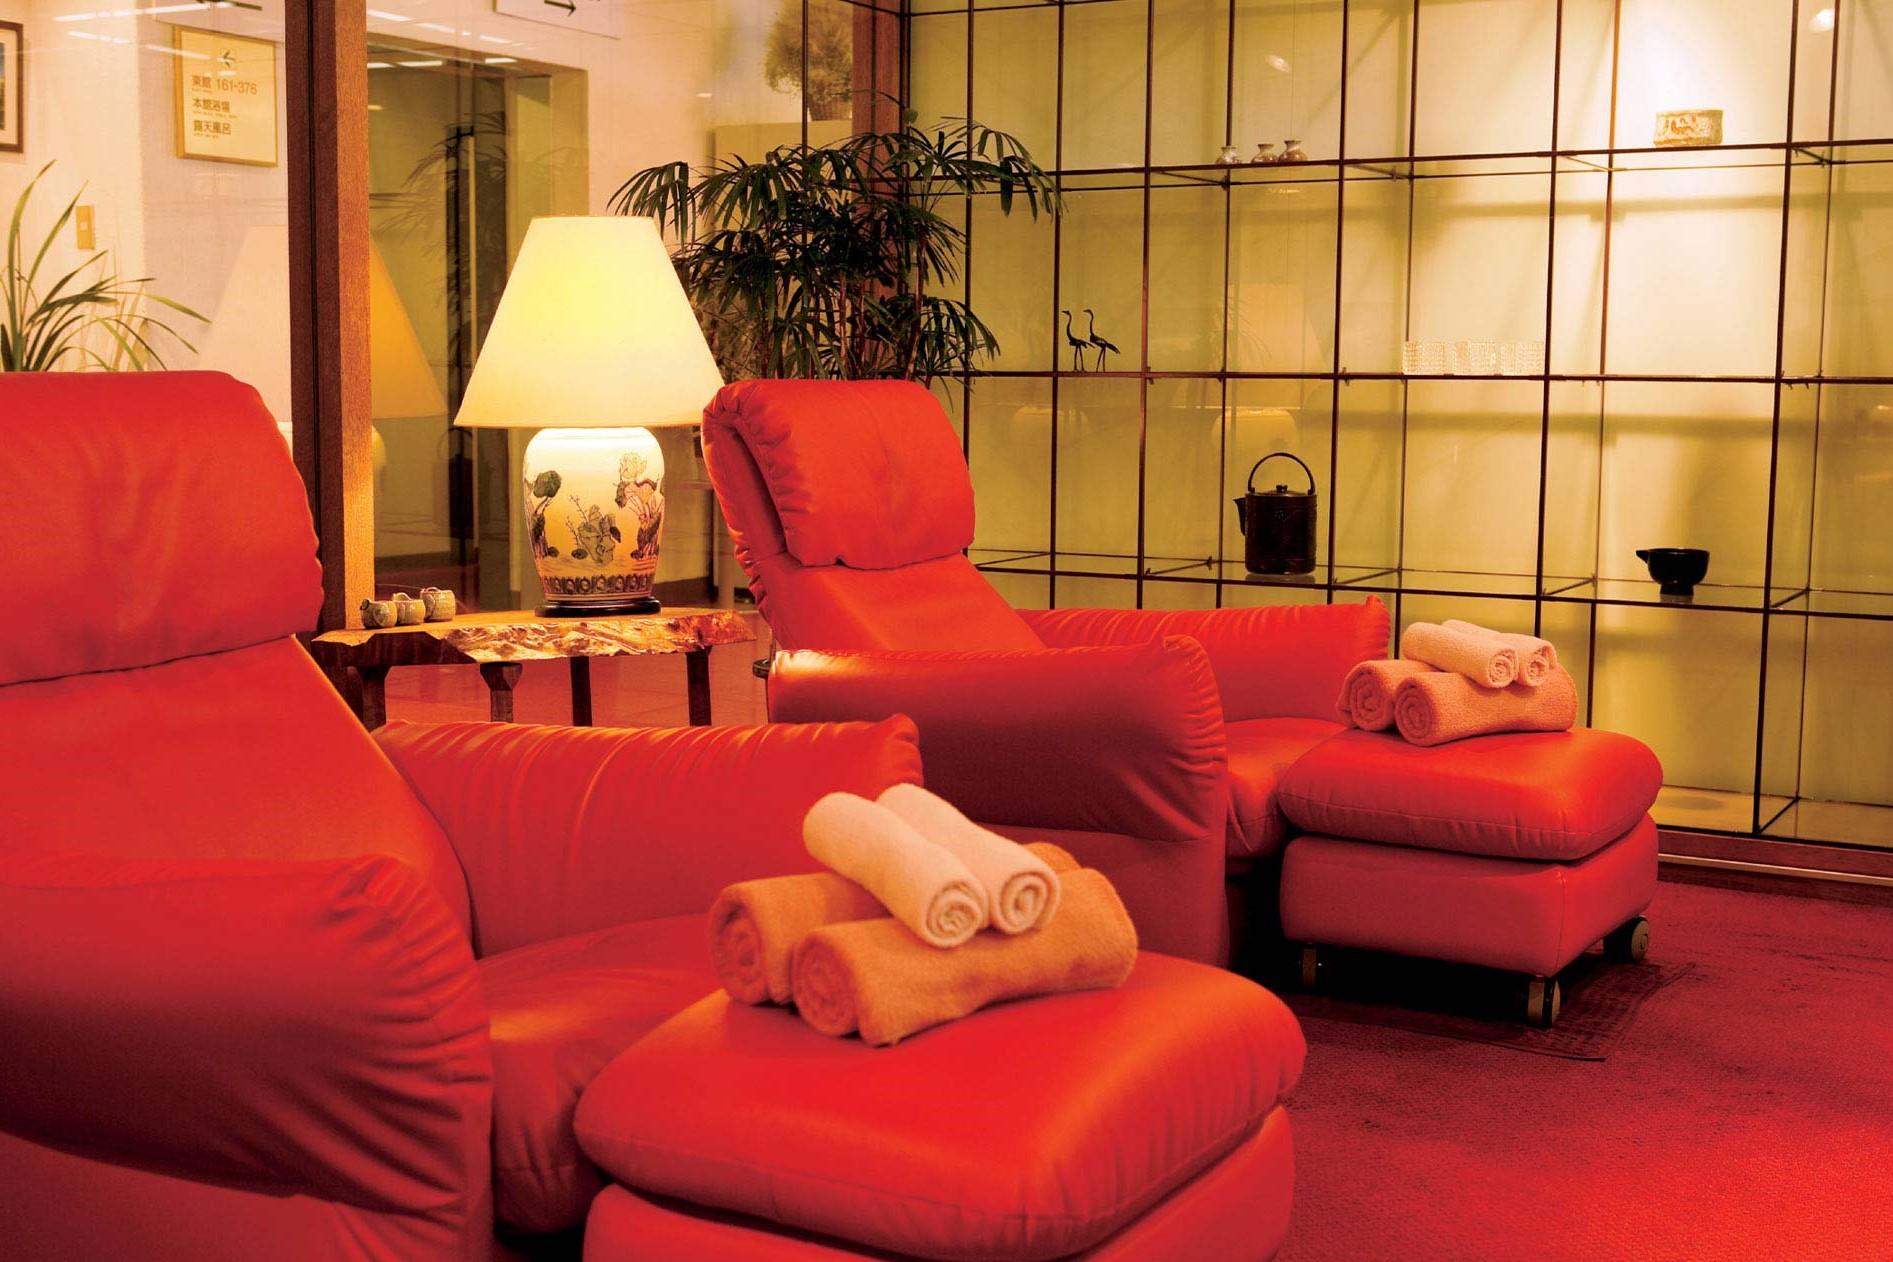 Manza Prince Hotel-spa (T) (3.2)